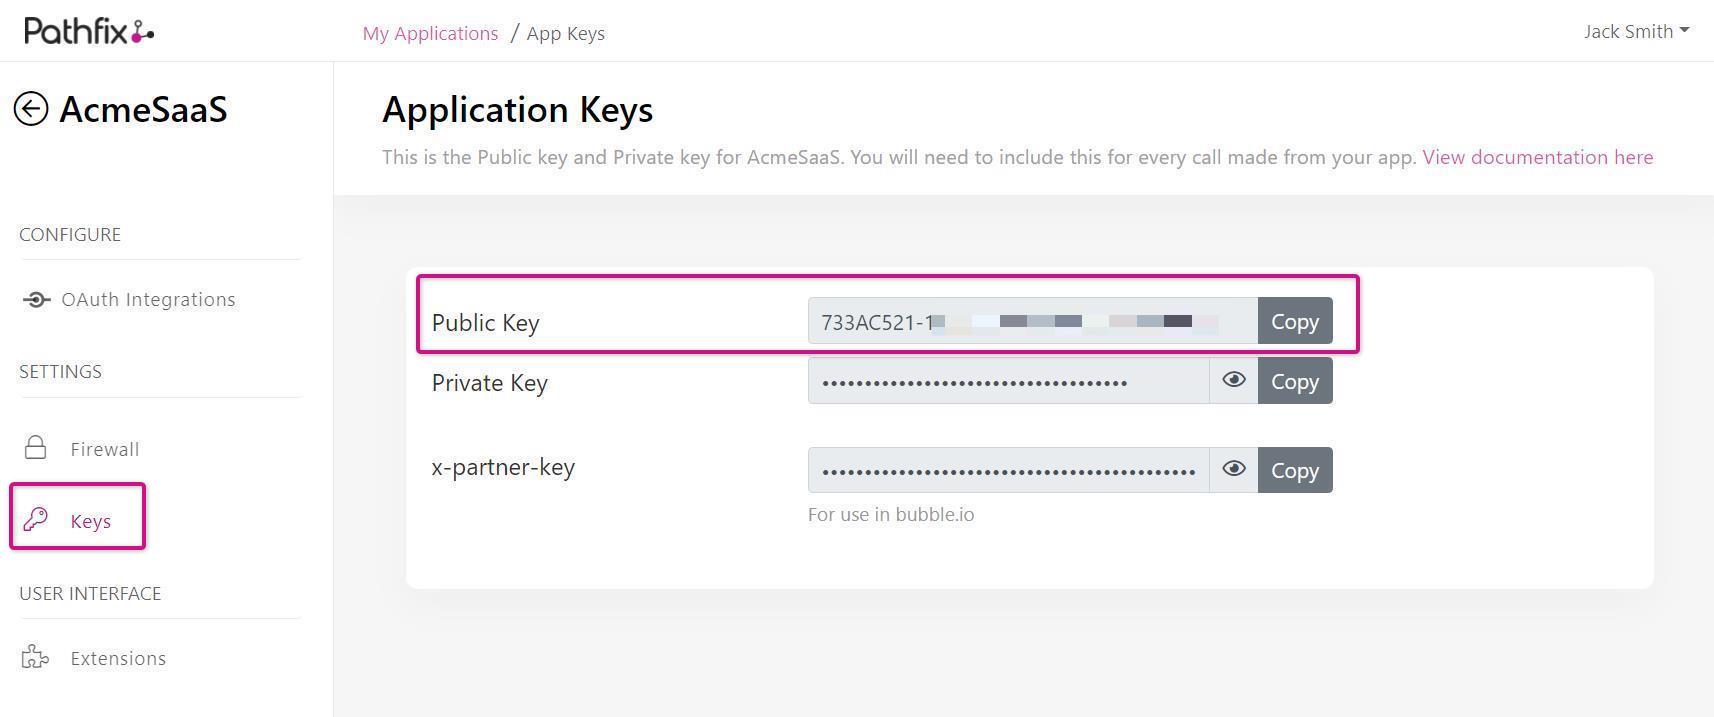 Image: Public Key